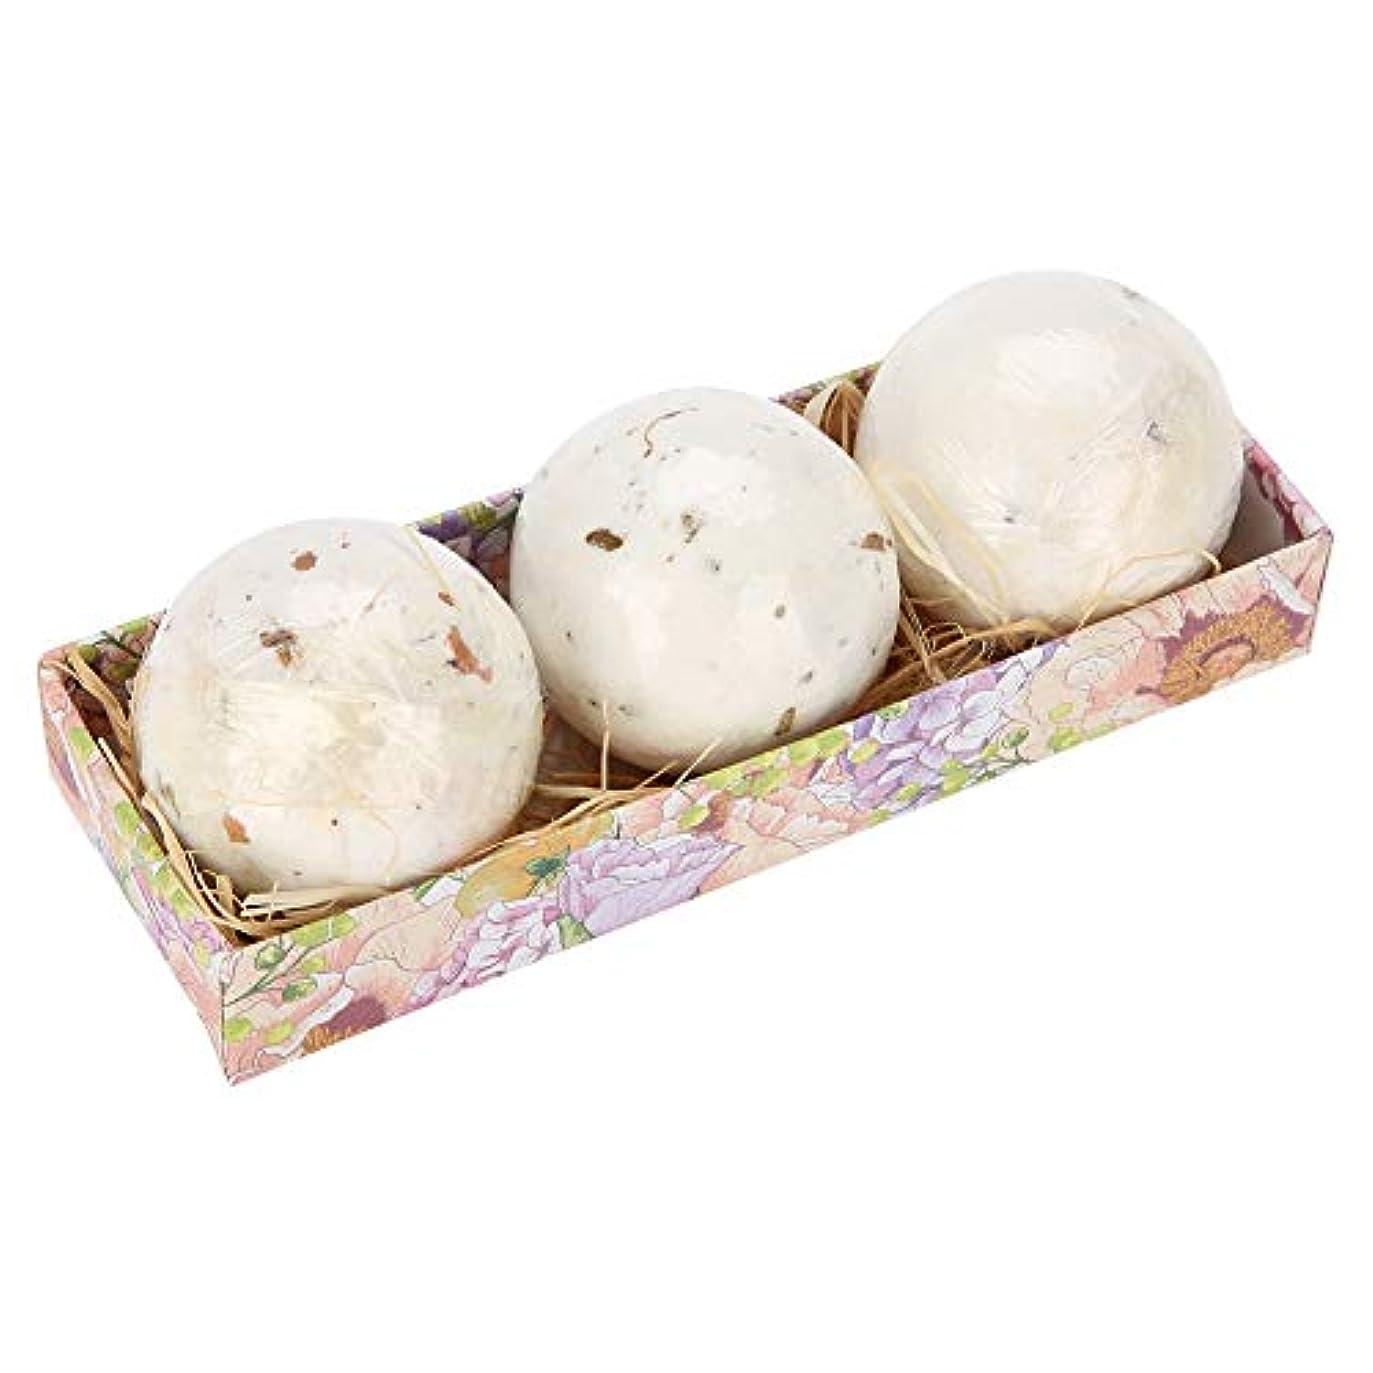 市場引き出すセーブバスボム 4枚入り 爆弾バスボール 入浴剤 入浴料 セットお風呂用 海塩 潤い 肌に良い 痒み止め 贈り物 ギフト